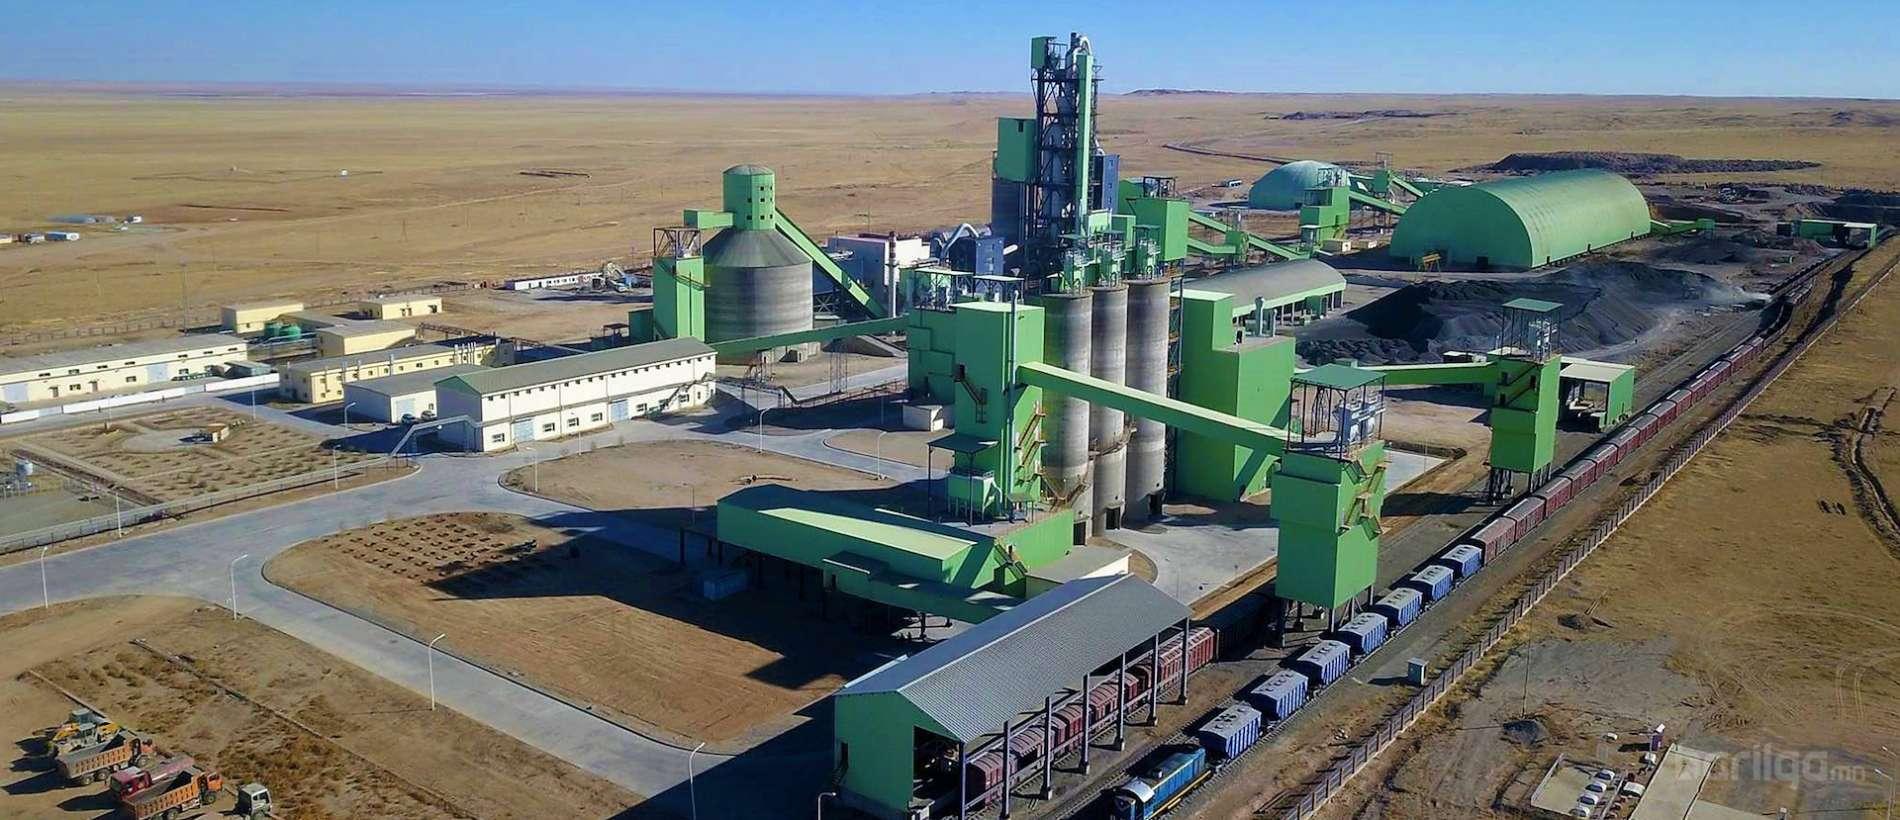 Дундговь аймгийн Өргөн суман дахь Монцемент Билдинг Материалс компанийн цементийн цогц үйлдвэр